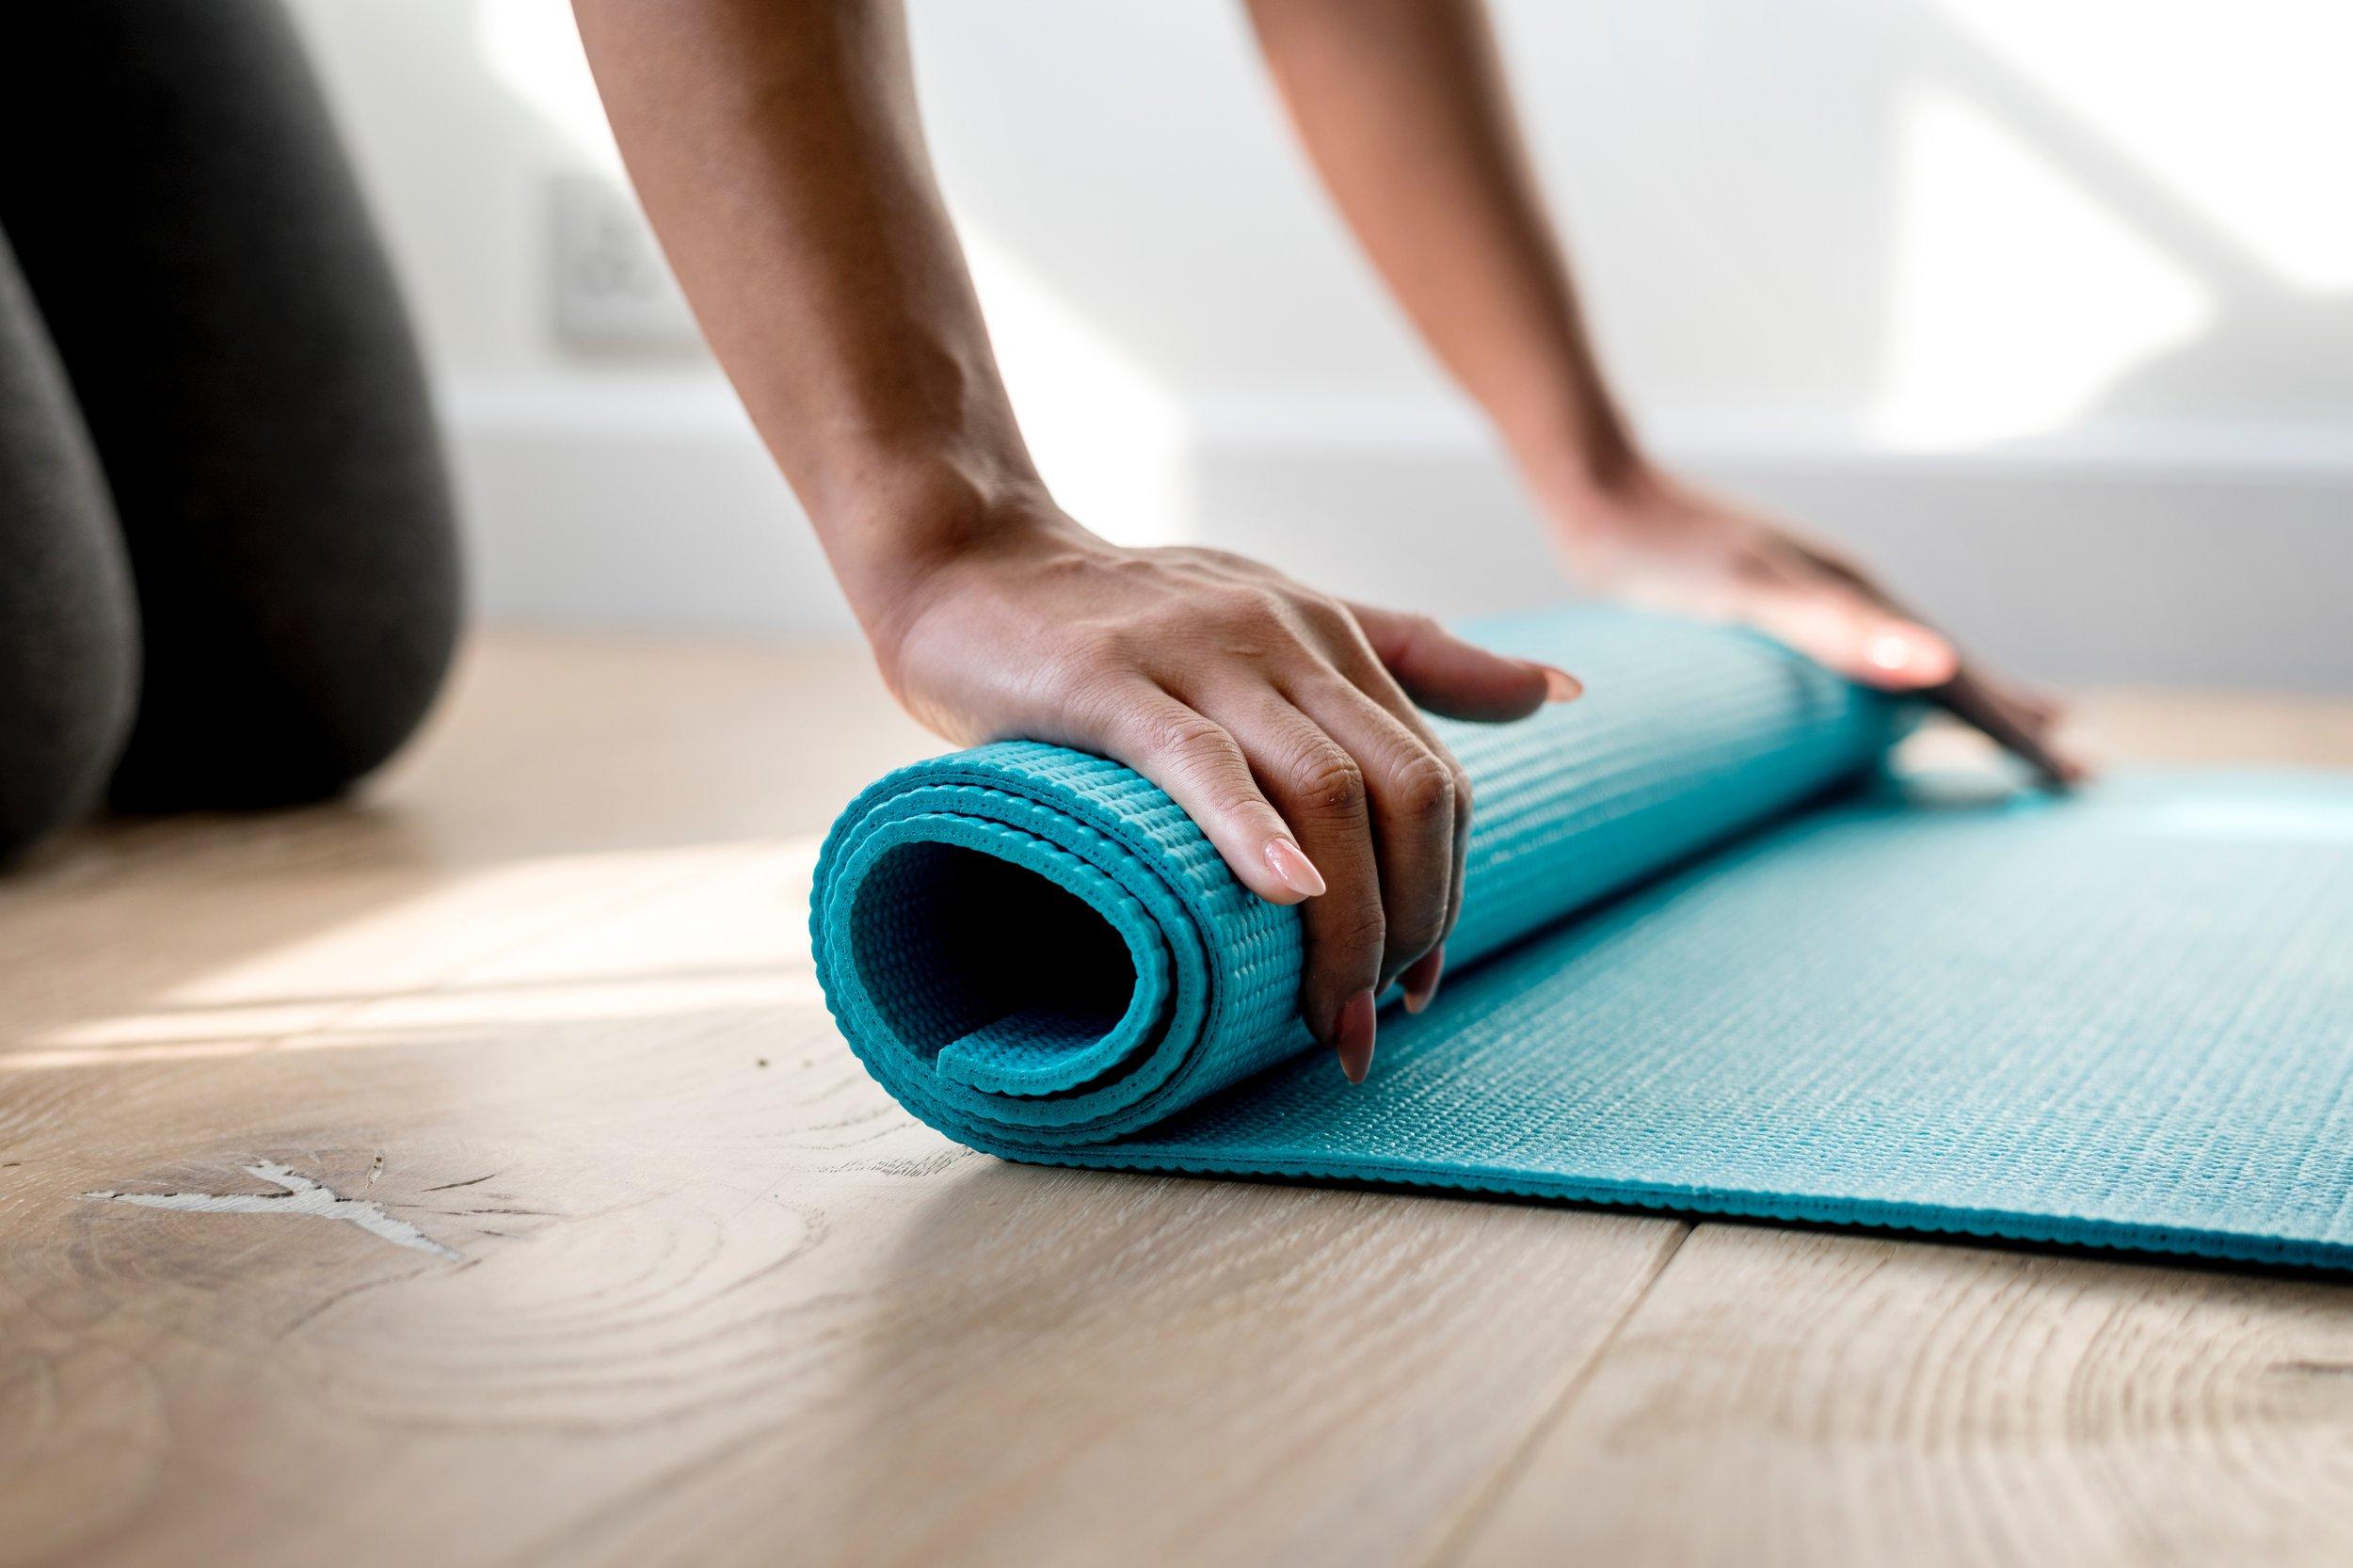 Tapete de ginástica - a doença renal e o exercício físico